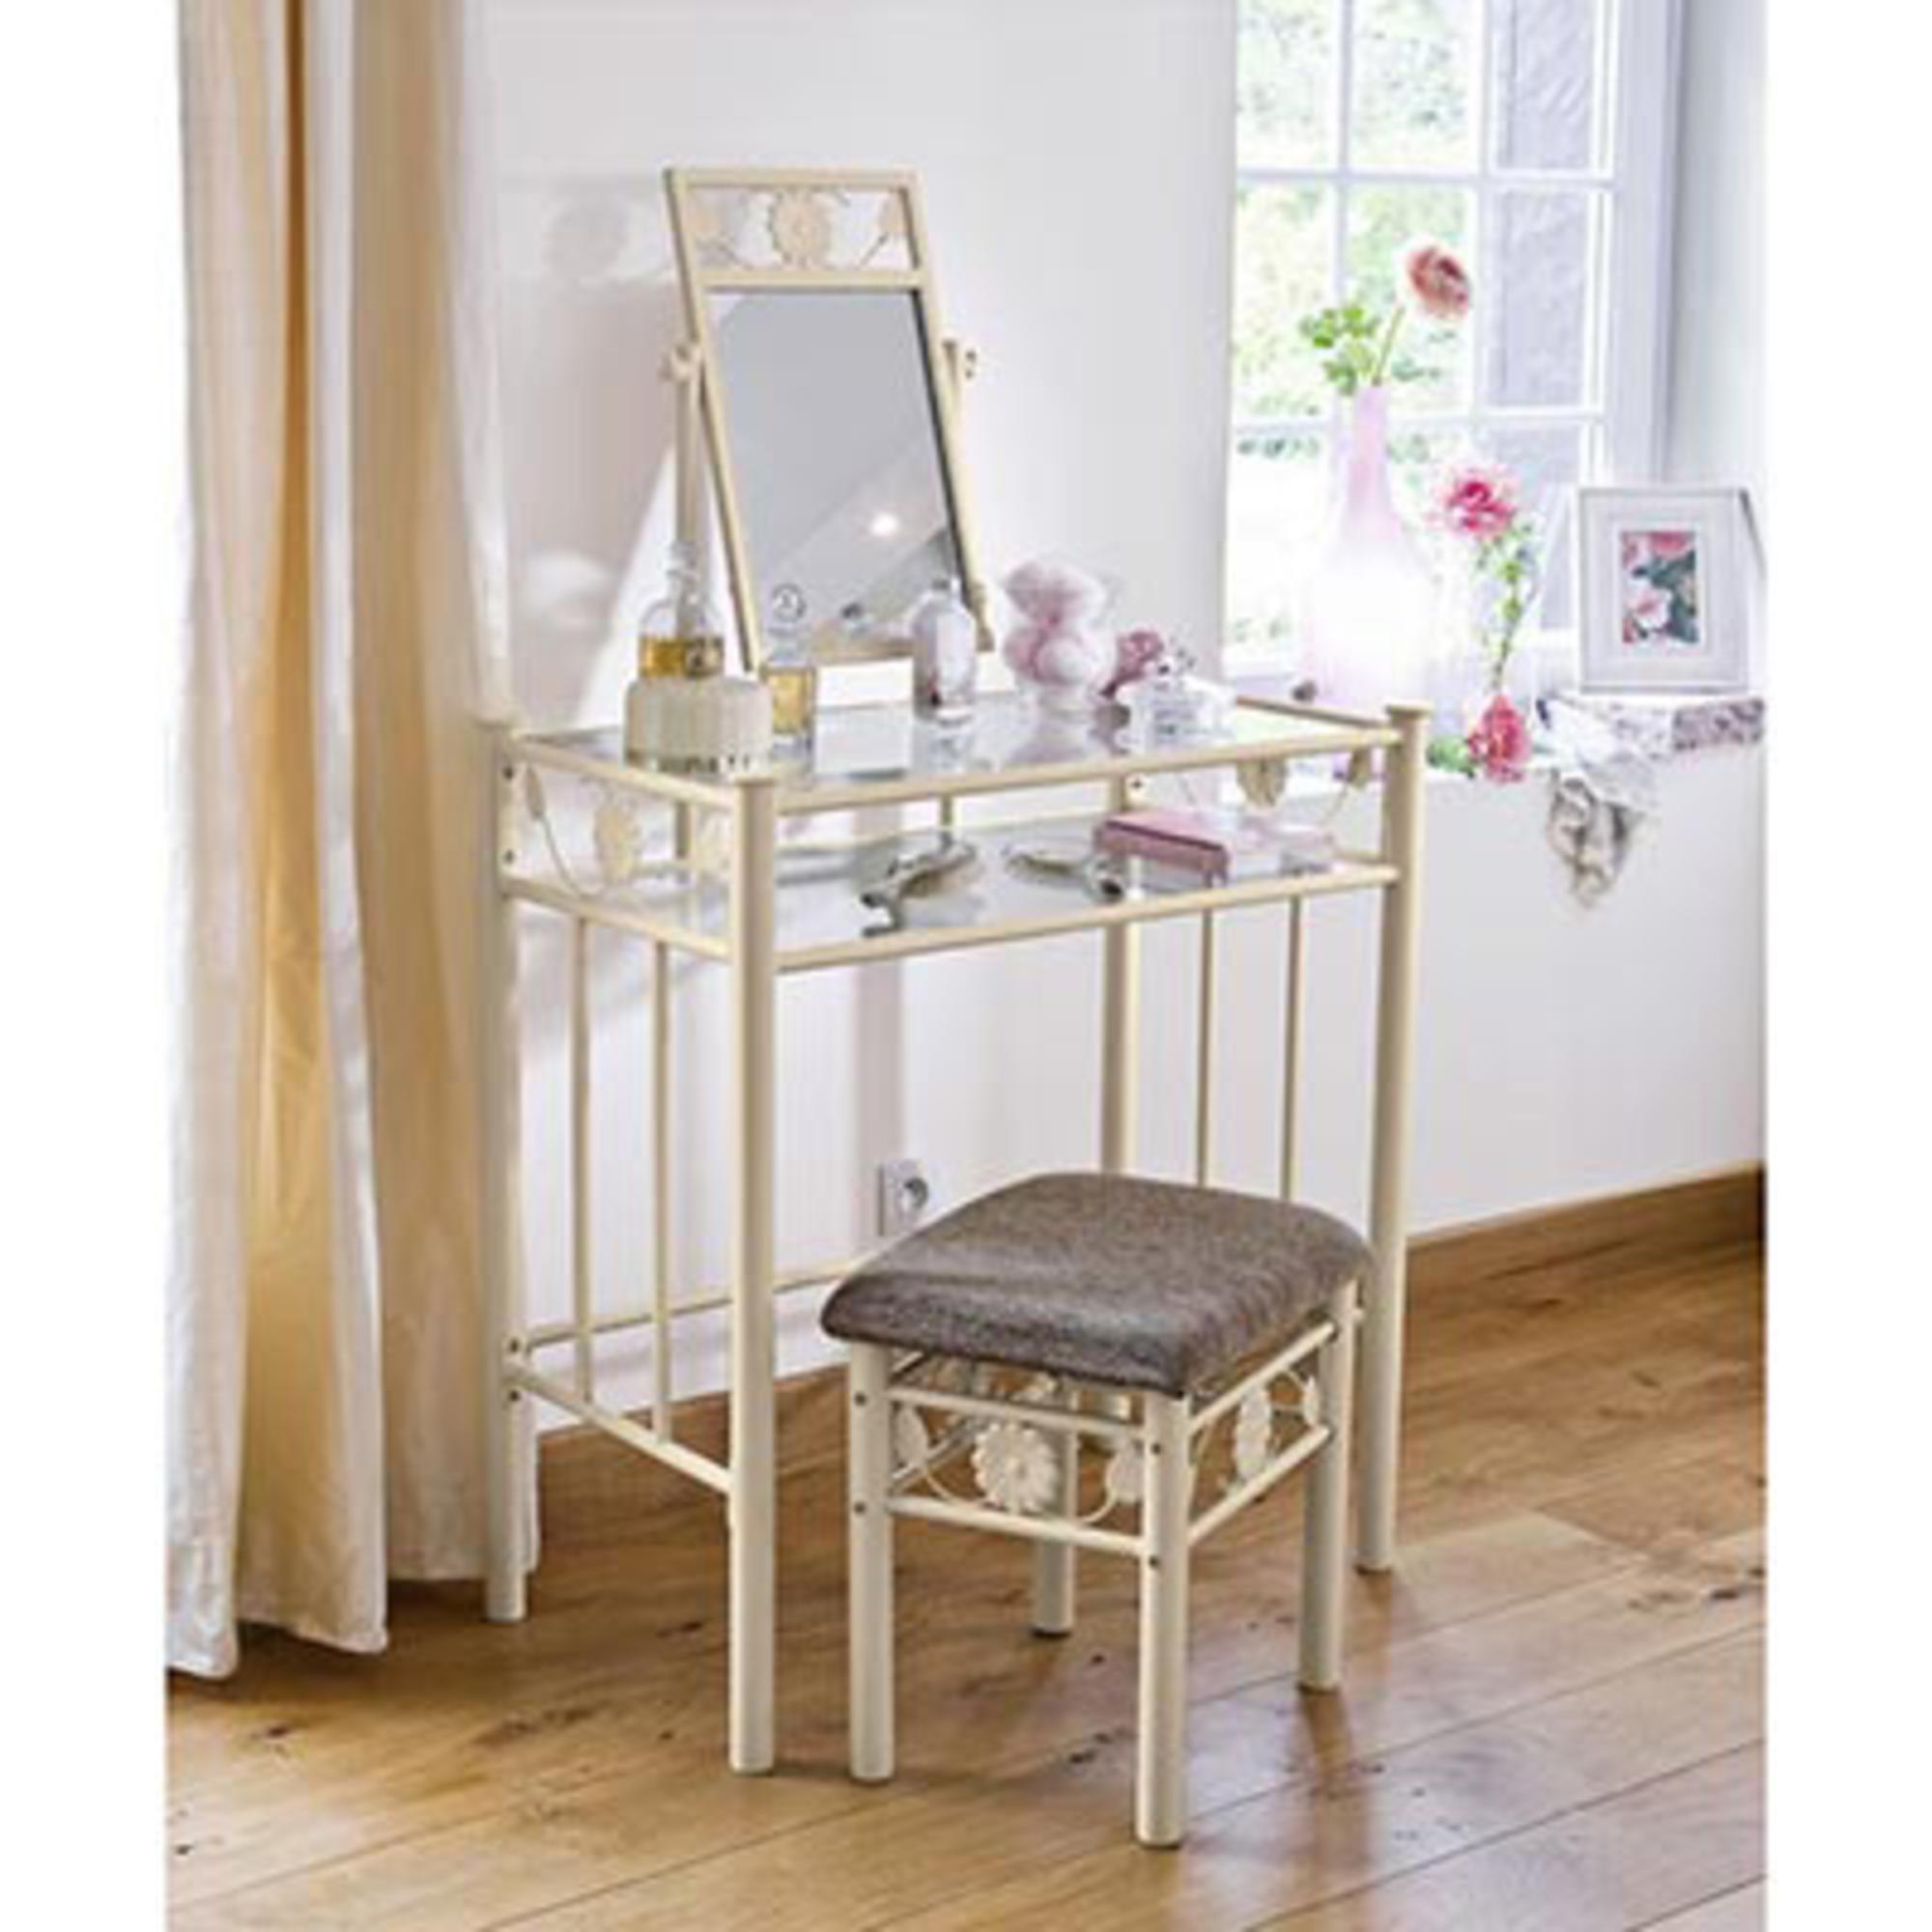 fabriquer une coiffeuse en bois free une vieille machine coudre dont on ne sait que faire voici. Black Bedroom Furniture Sets. Home Design Ideas